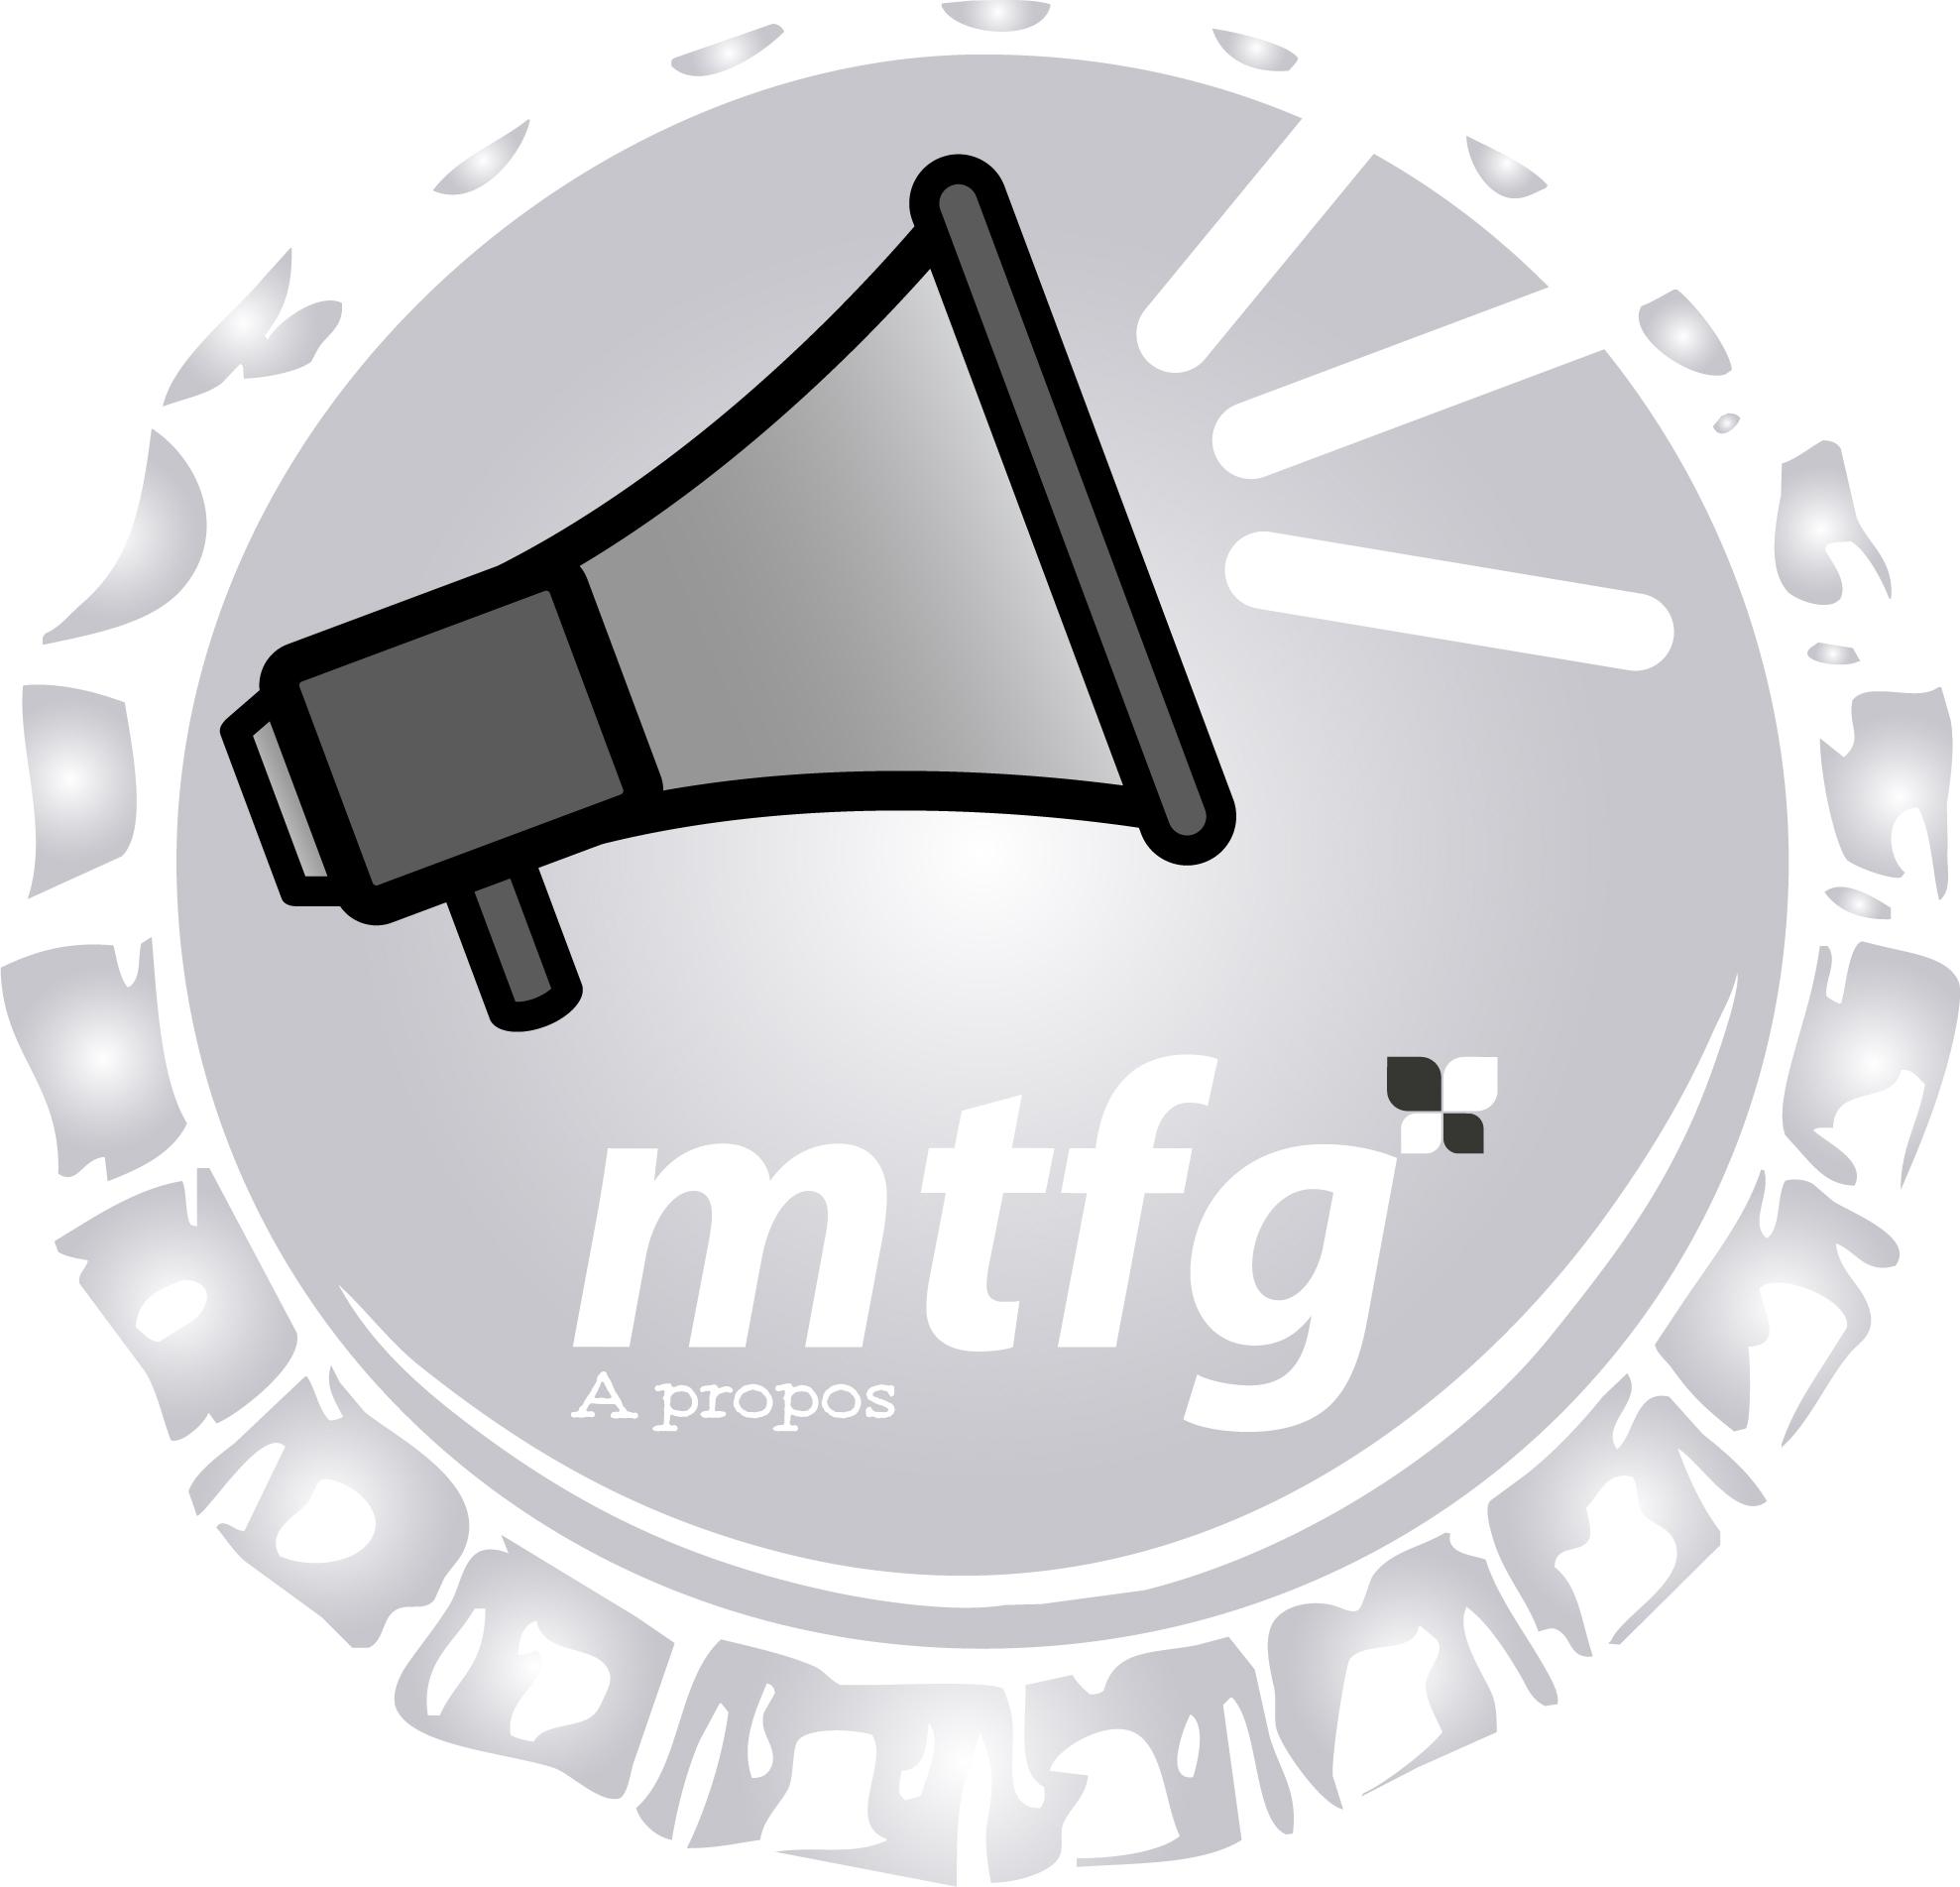 MTFG A propos